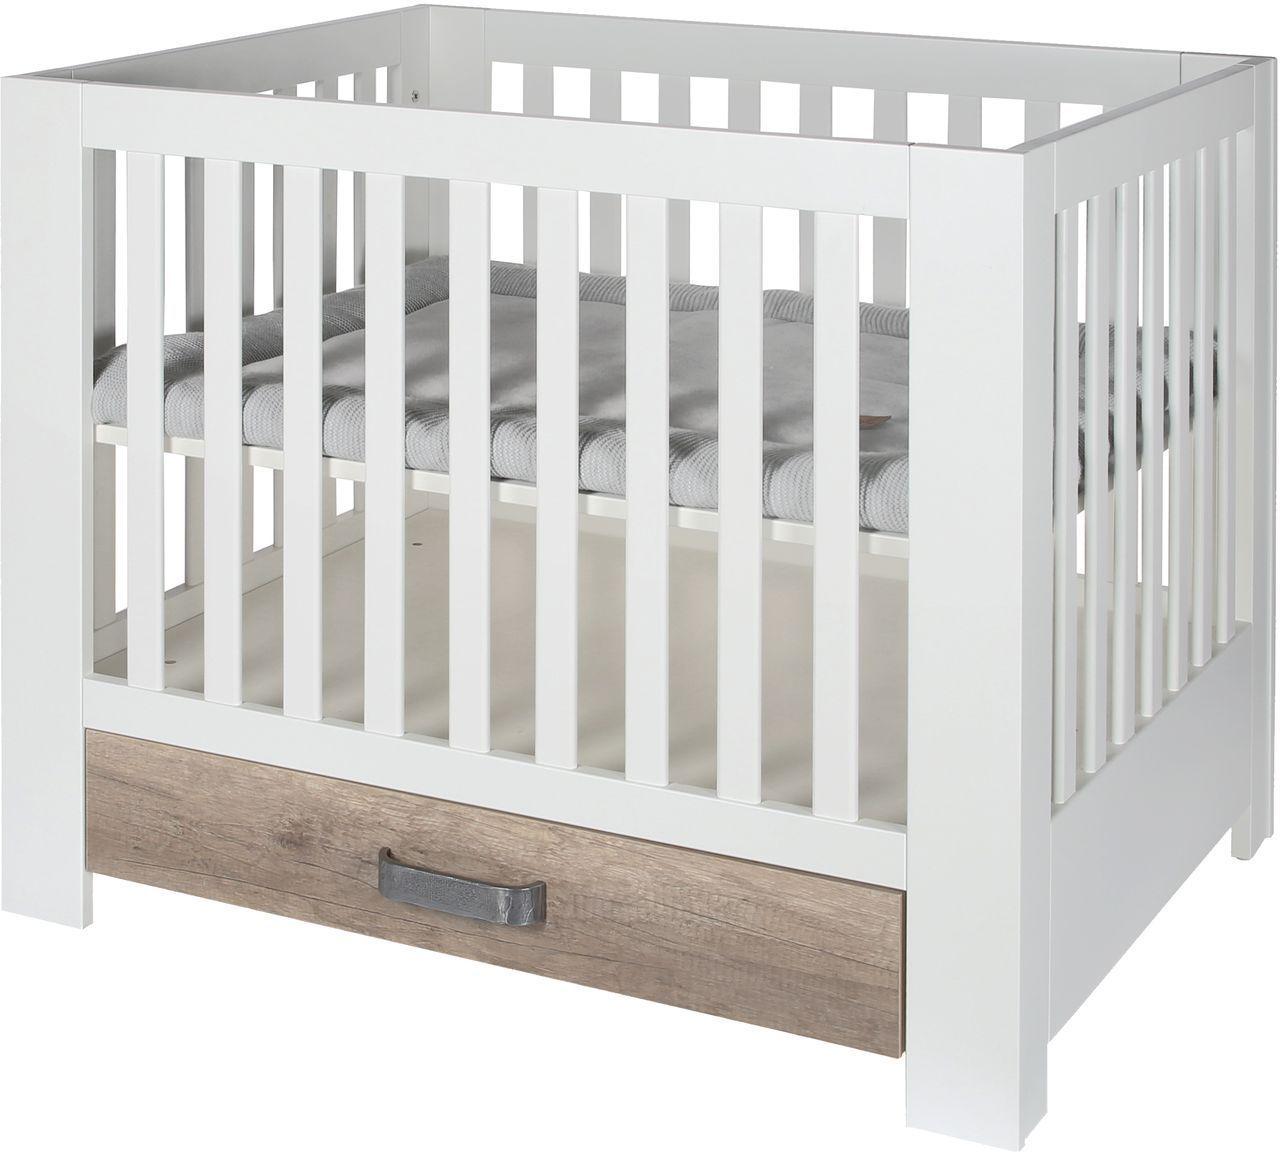 kidsmill laufgitter laufstall costa mit schublade wei natur laufgitter. Black Bedroom Furniture Sets. Home Design Ideas